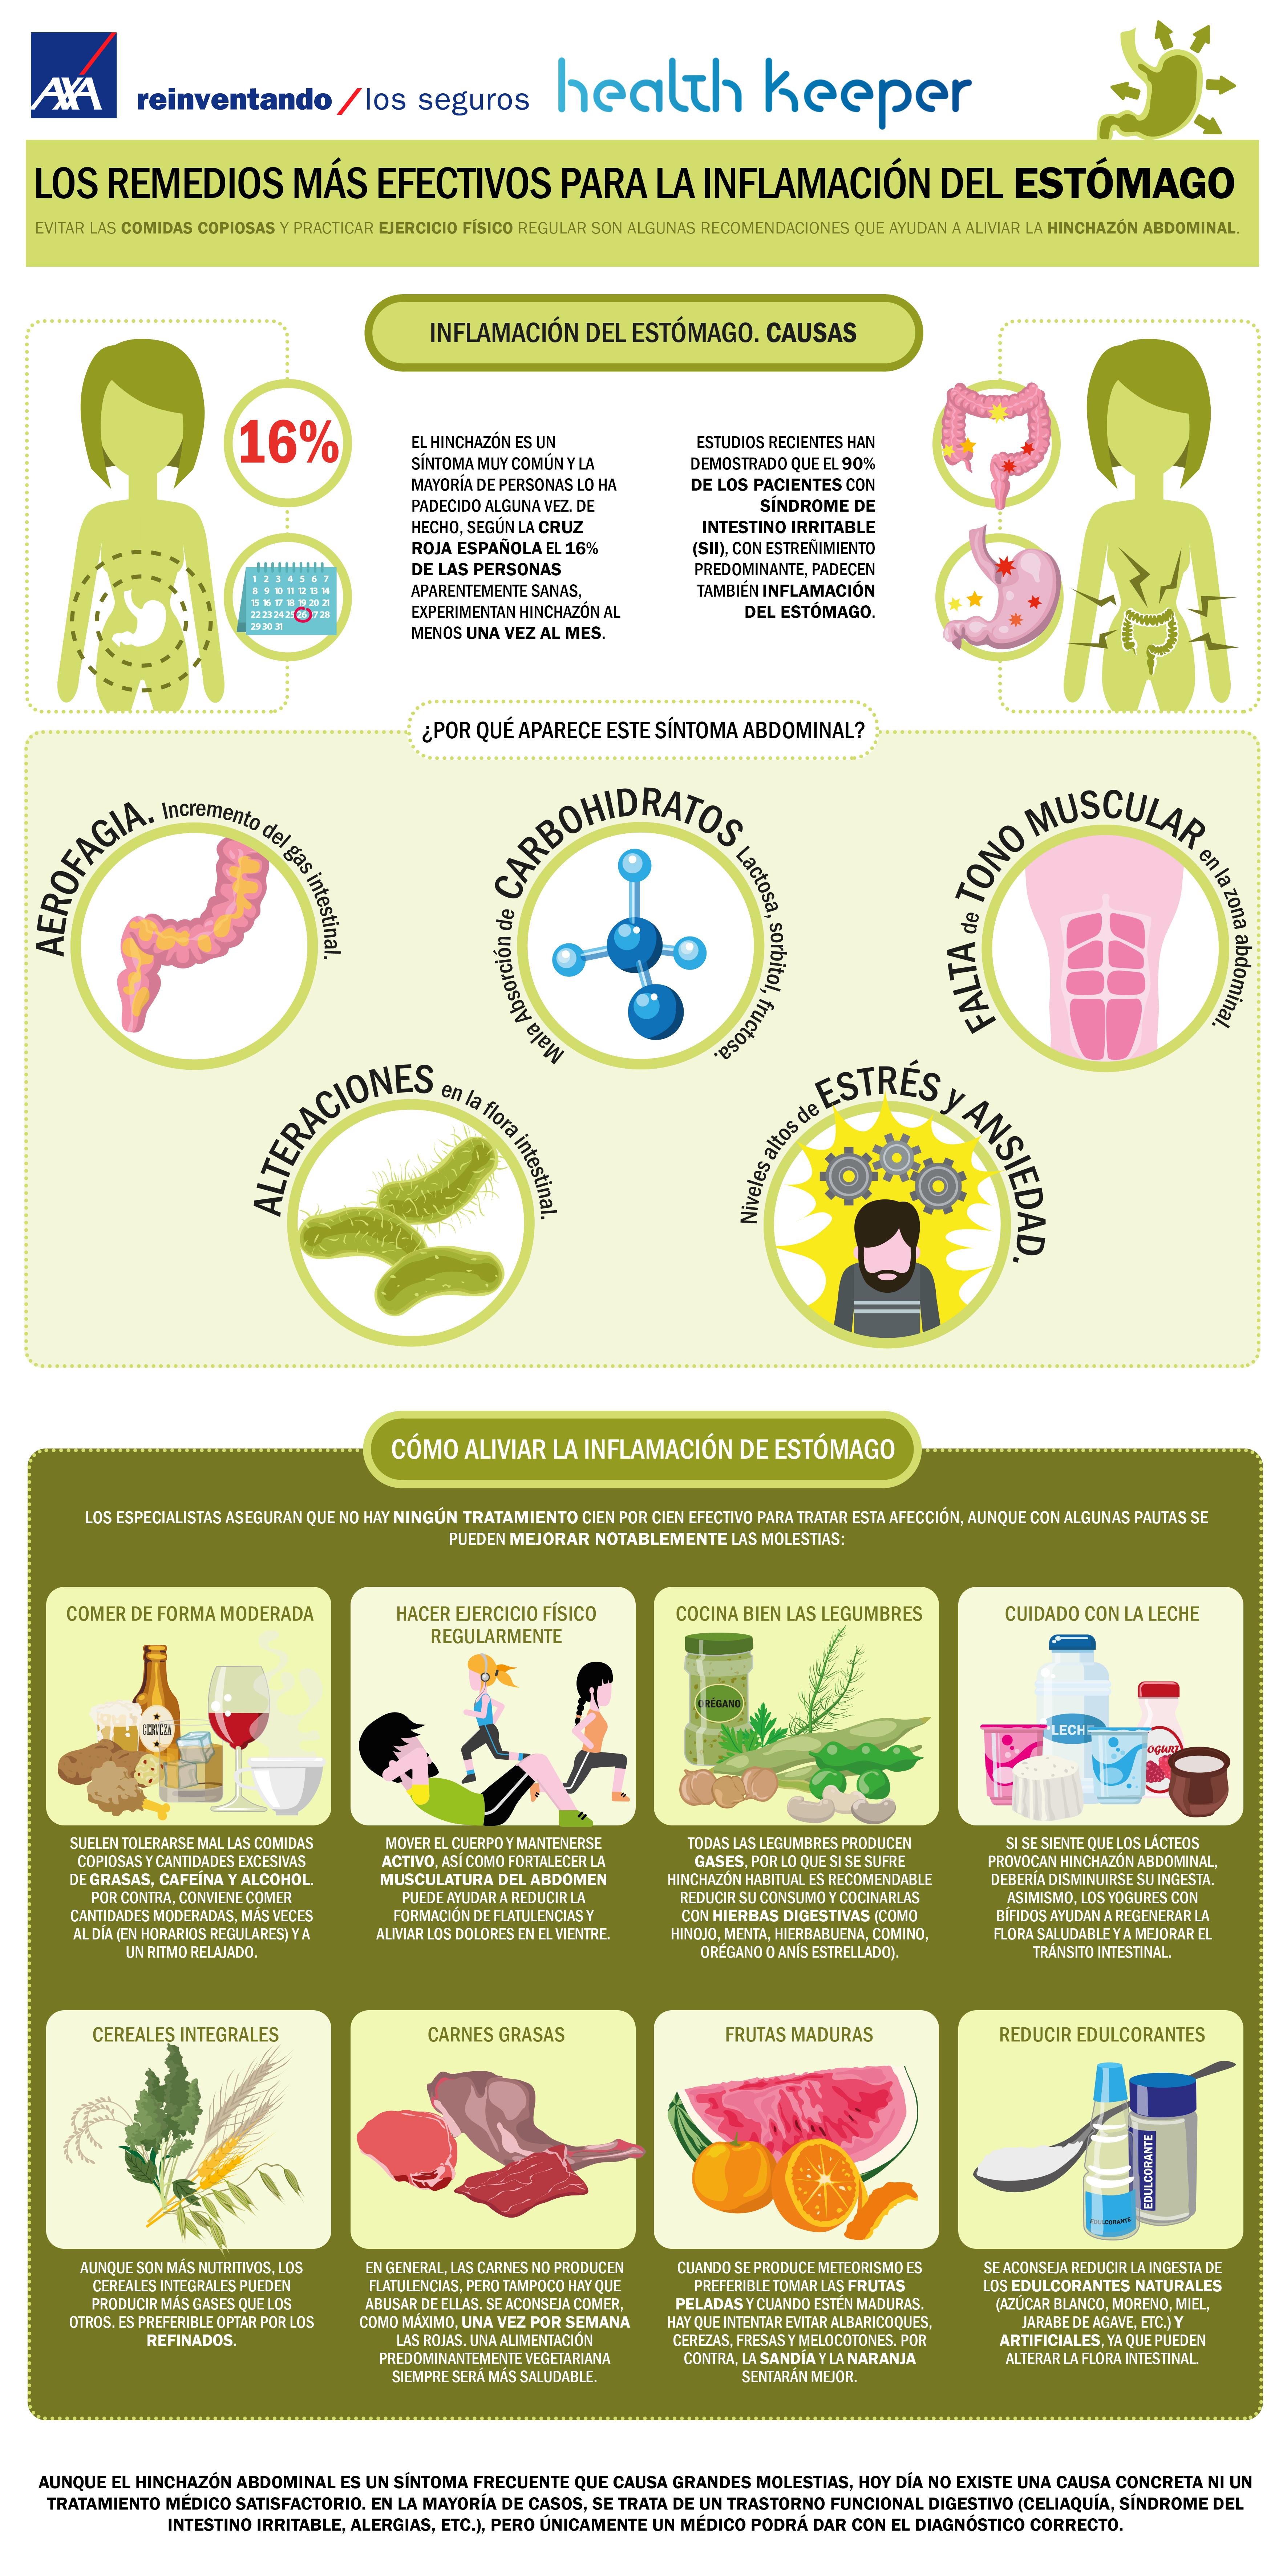 Los Remedios Más Efectivos Para La Inflamación Del Estomago Axa